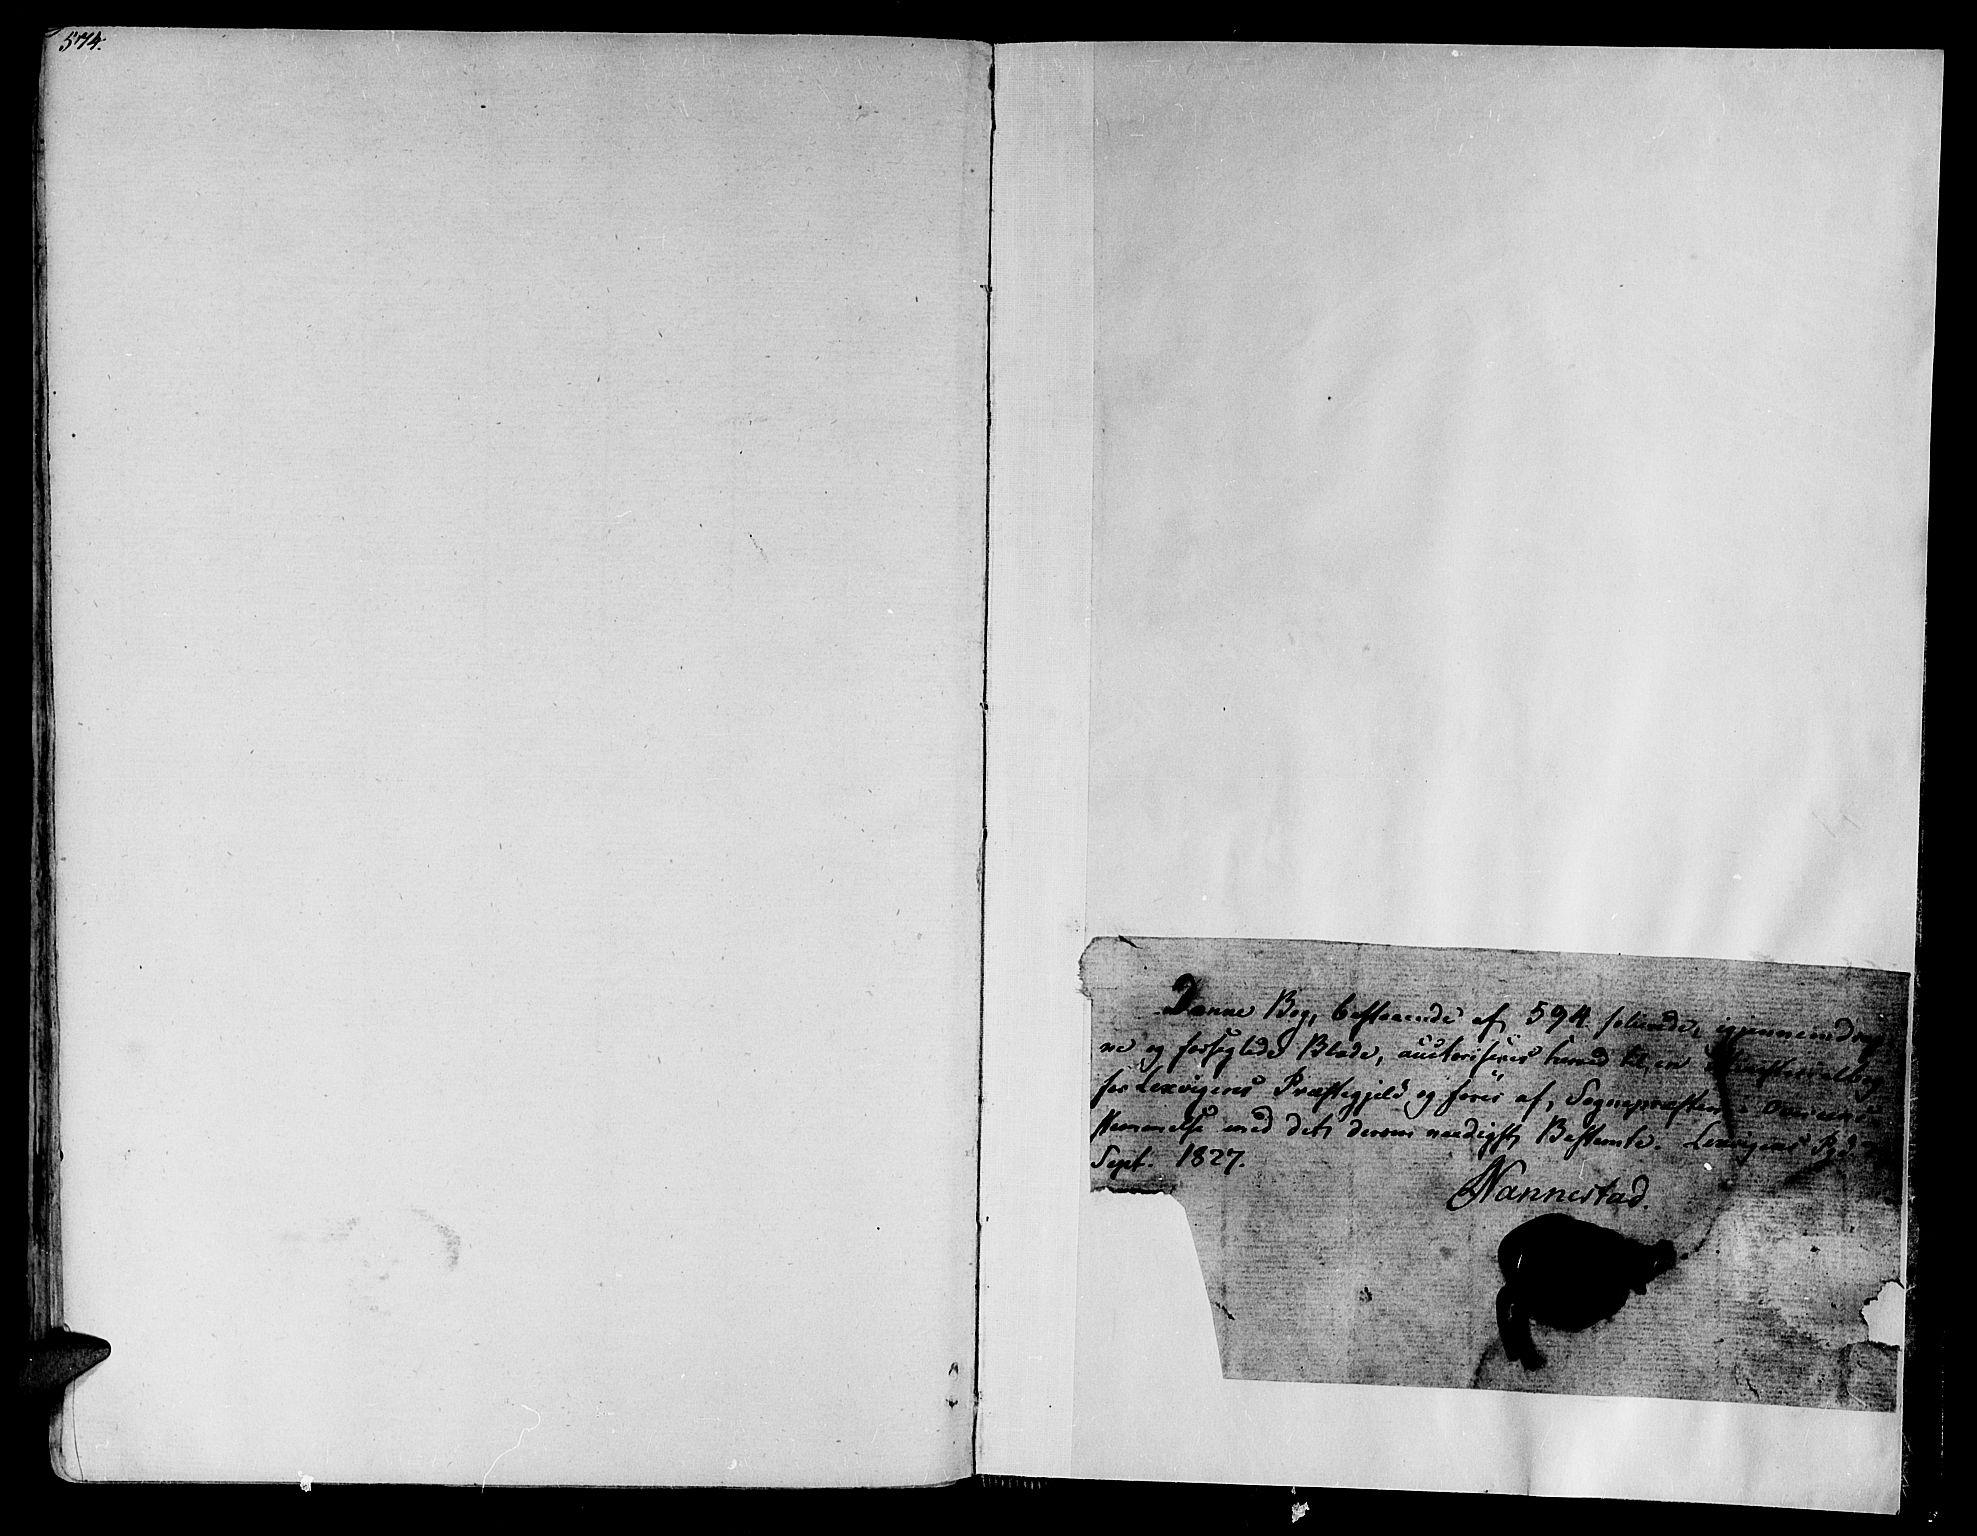 SAT, Ministerialprotokoller, klokkerbøker og fødselsregistre - Nord-Trøndelag, 701/L0006: Ministerialbok nr. 701A06, 1825-1841, s. 574